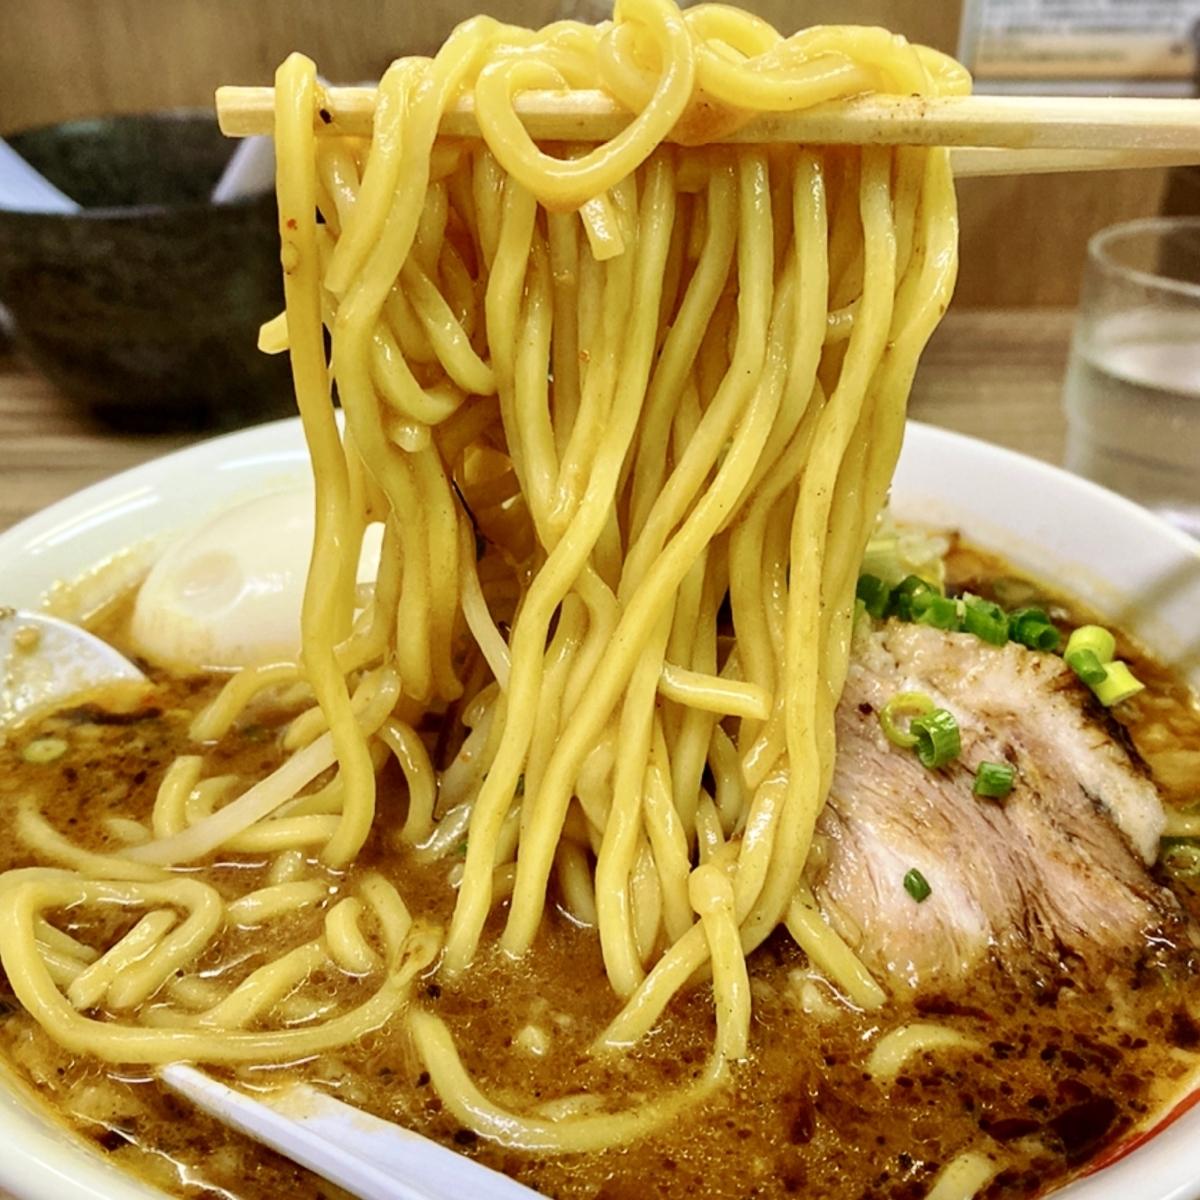 新宿はラーメン激戦区!美味しいラーメンだらけ♪